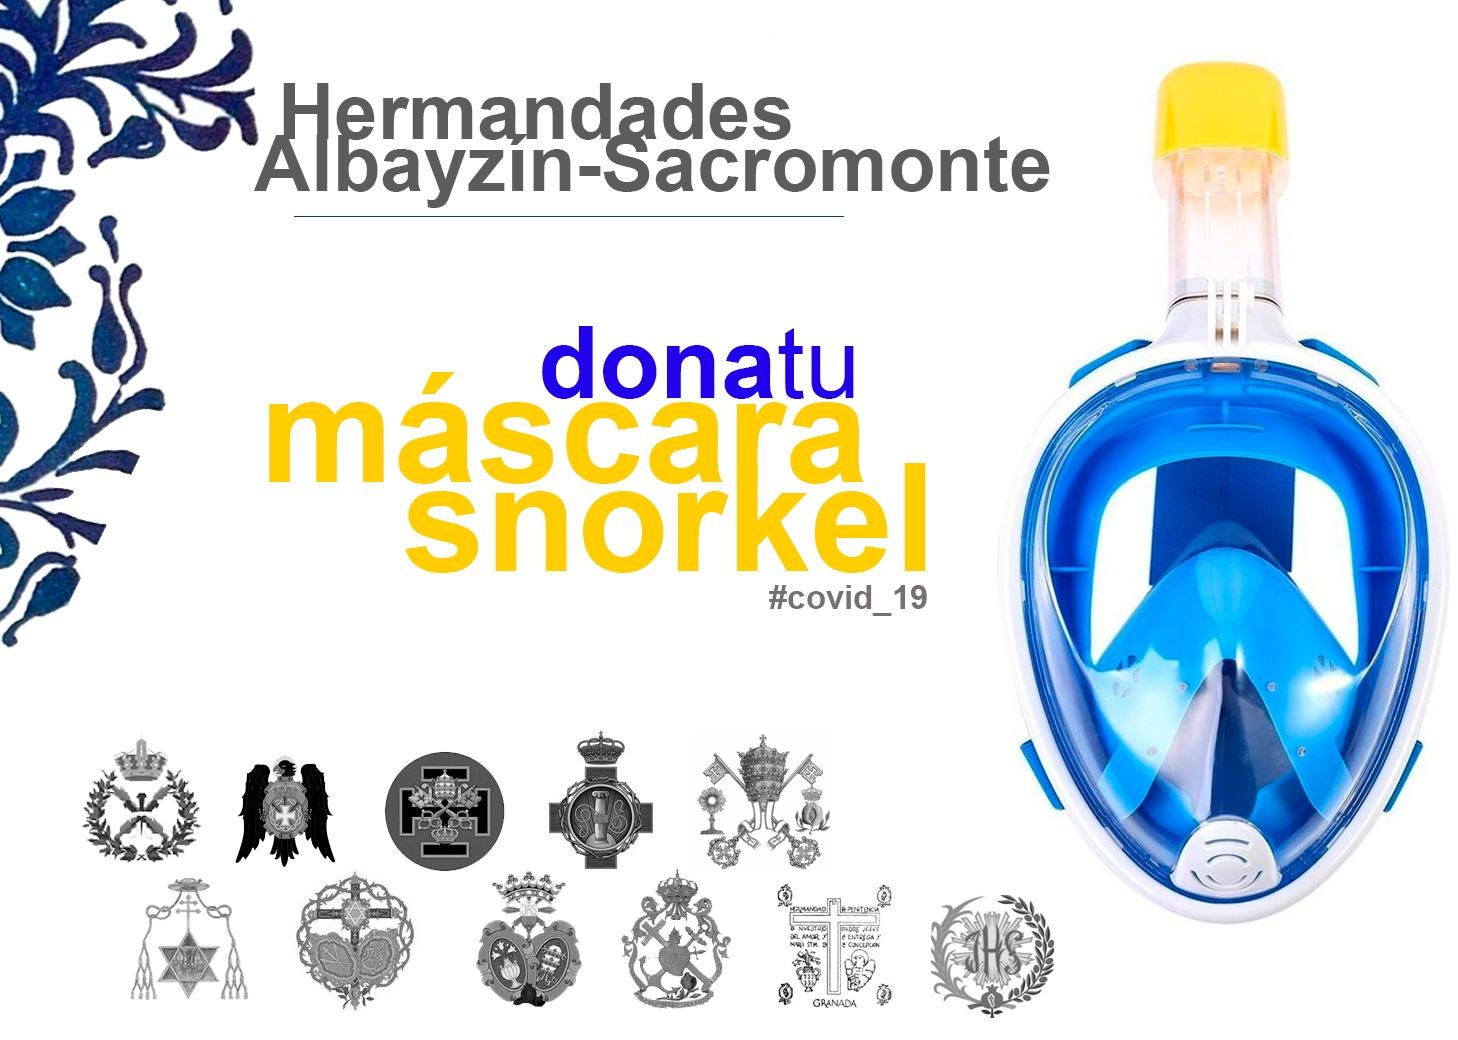 hermandades granadinas se suman a la campaña 'Dona tu máscara de snorkel' para combatir el coronavirus